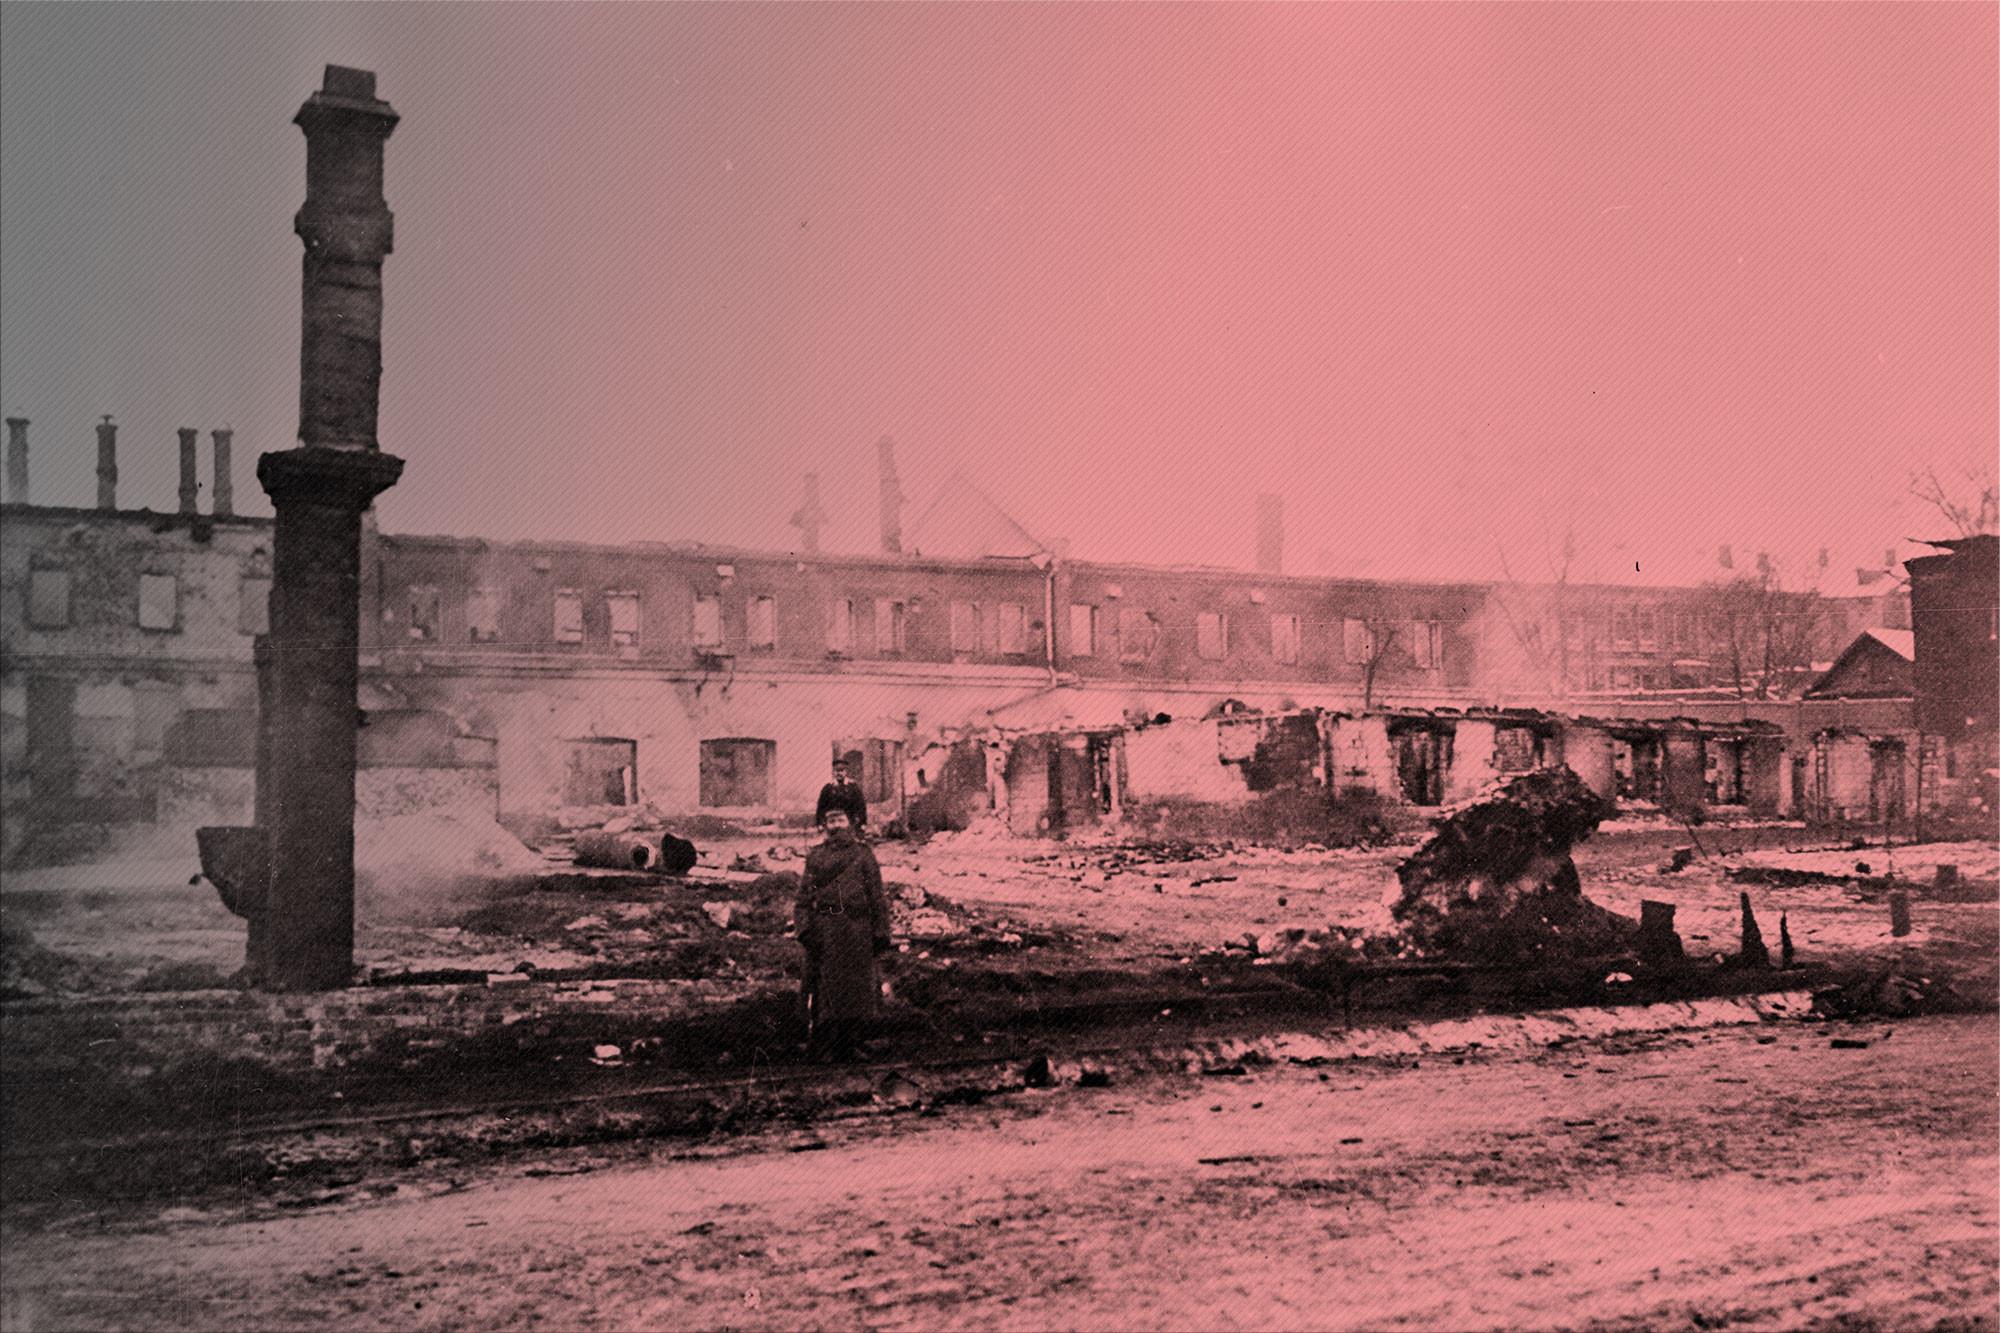 Корпуса мебельной фабрики Николая Шмита на Пресне были разрушены залпами царской артиллерии в декабре 1905 года. Революция 1905–1907 гг. Фото: ©РИА Новости